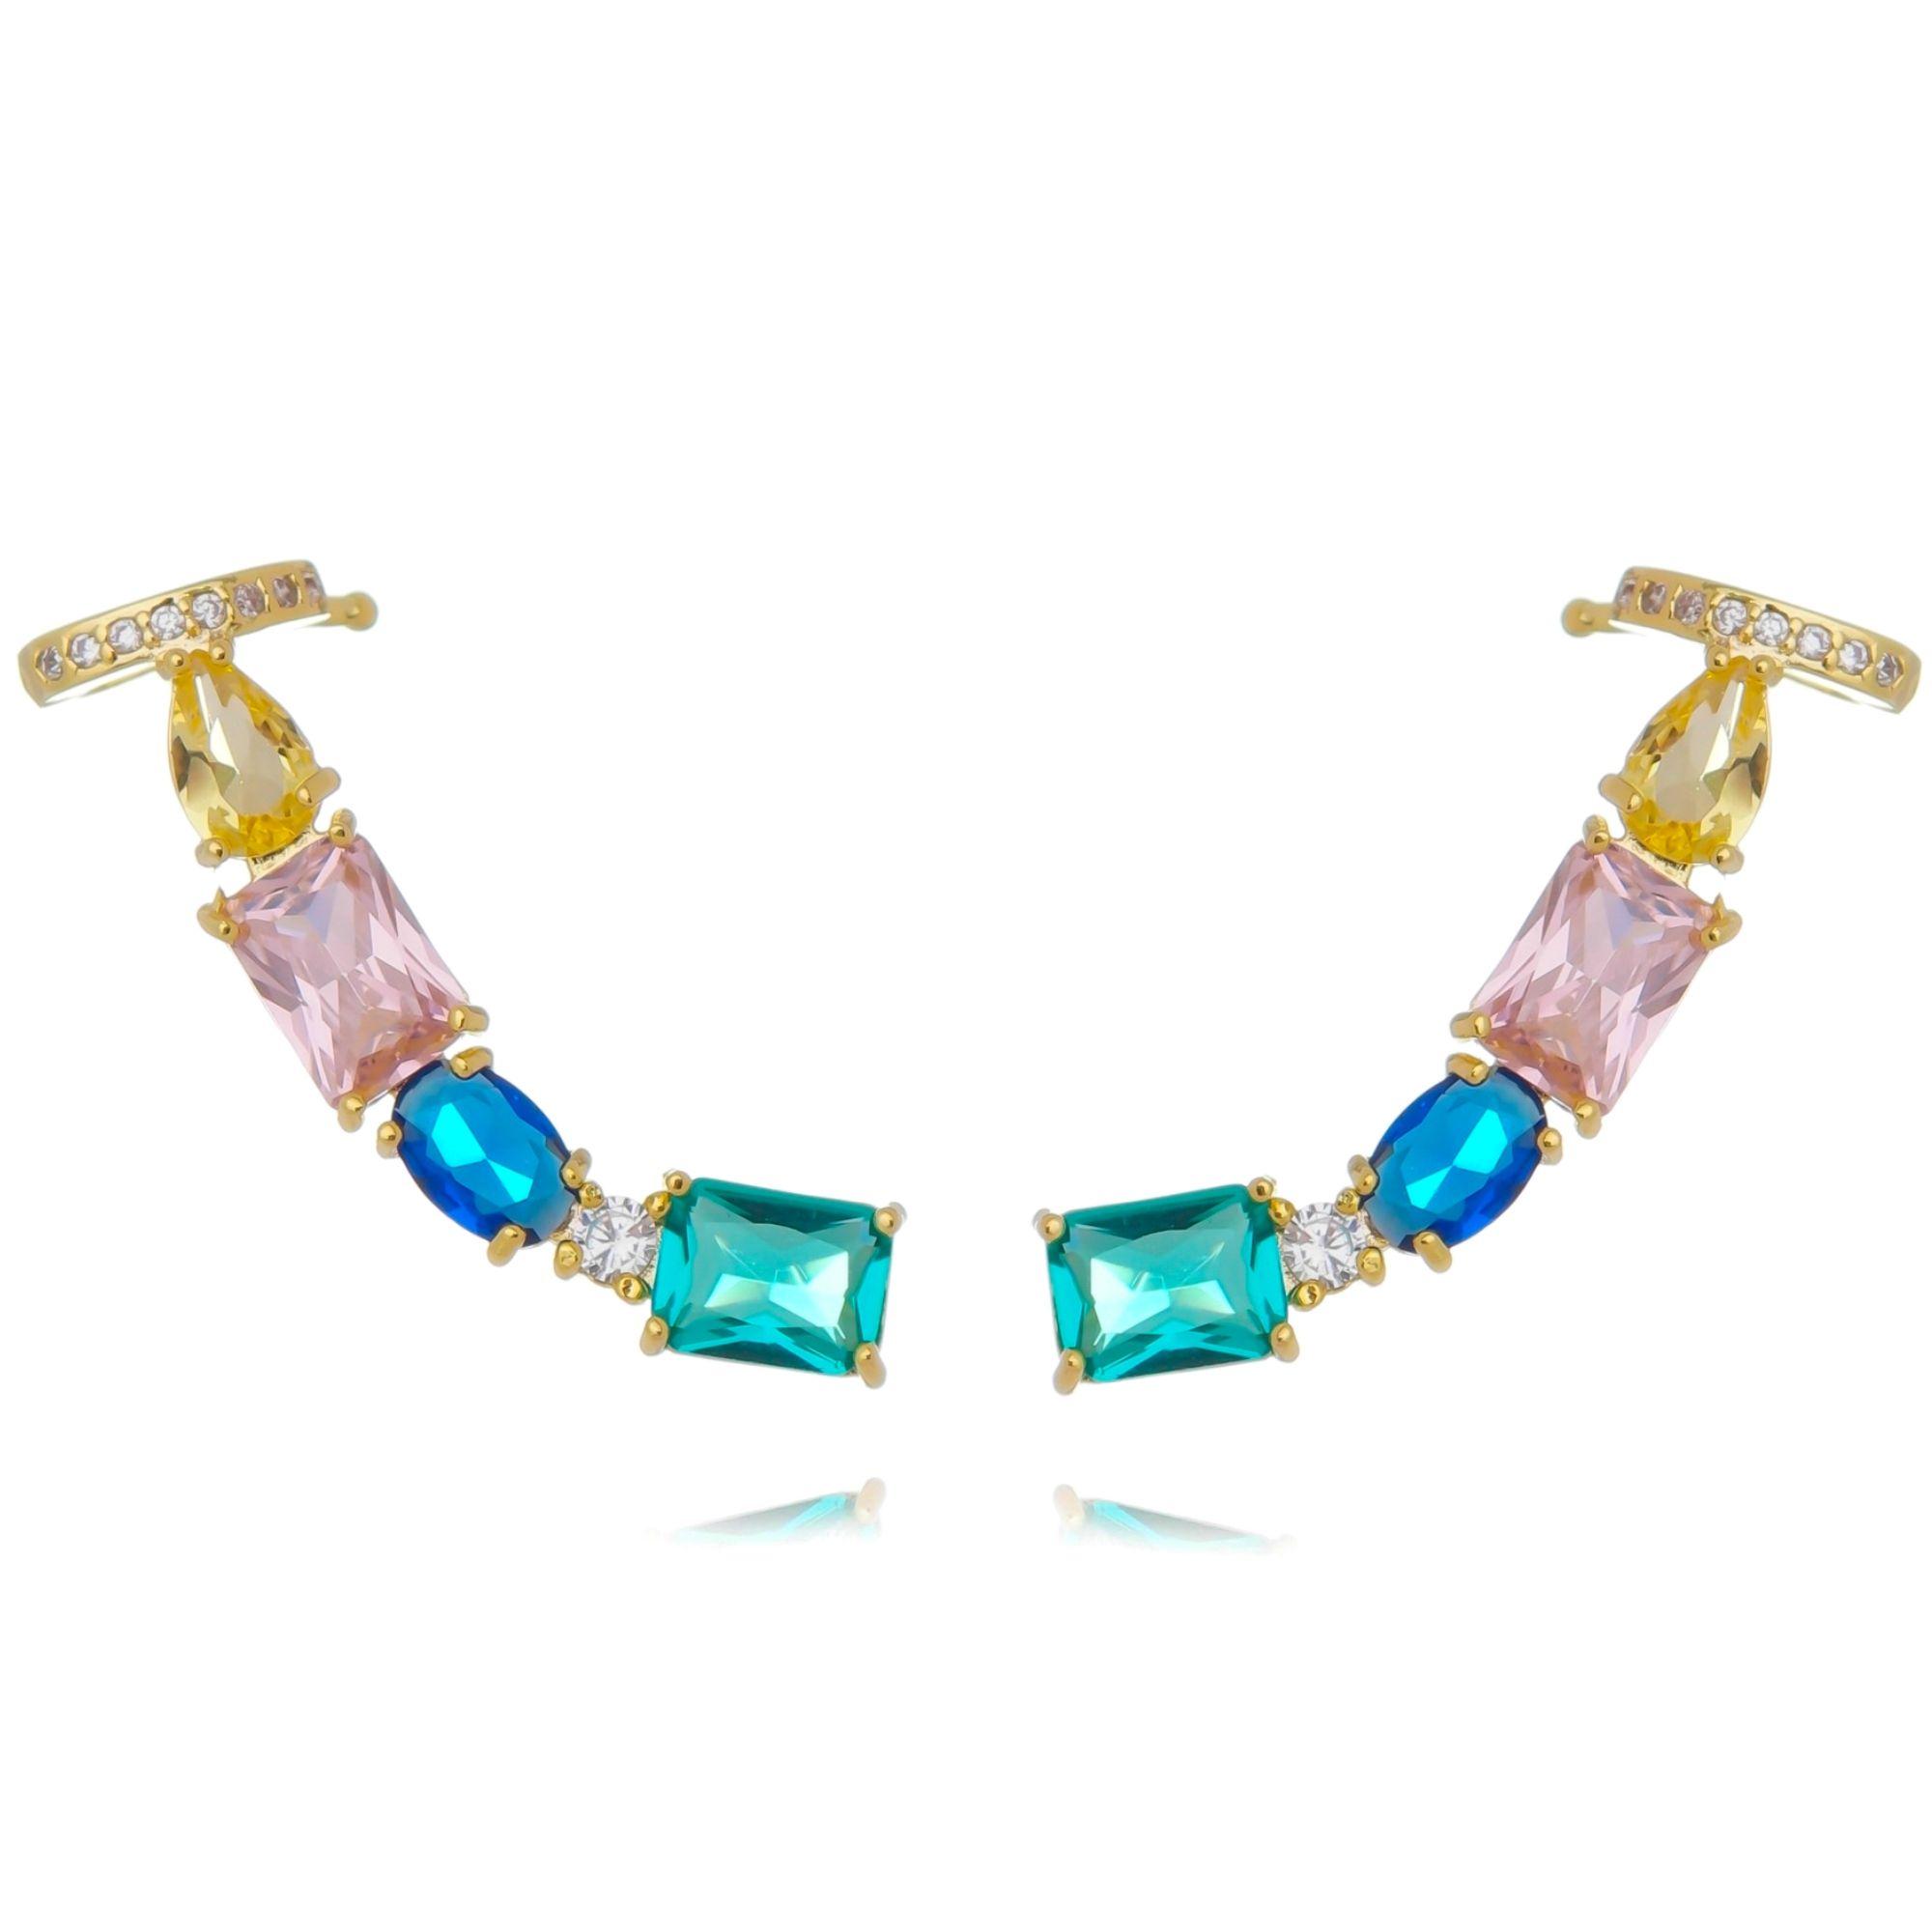 Ear Cuff Pedras Coloridas com Piercing Semijoia Banhado a Ouro  - Soloyou